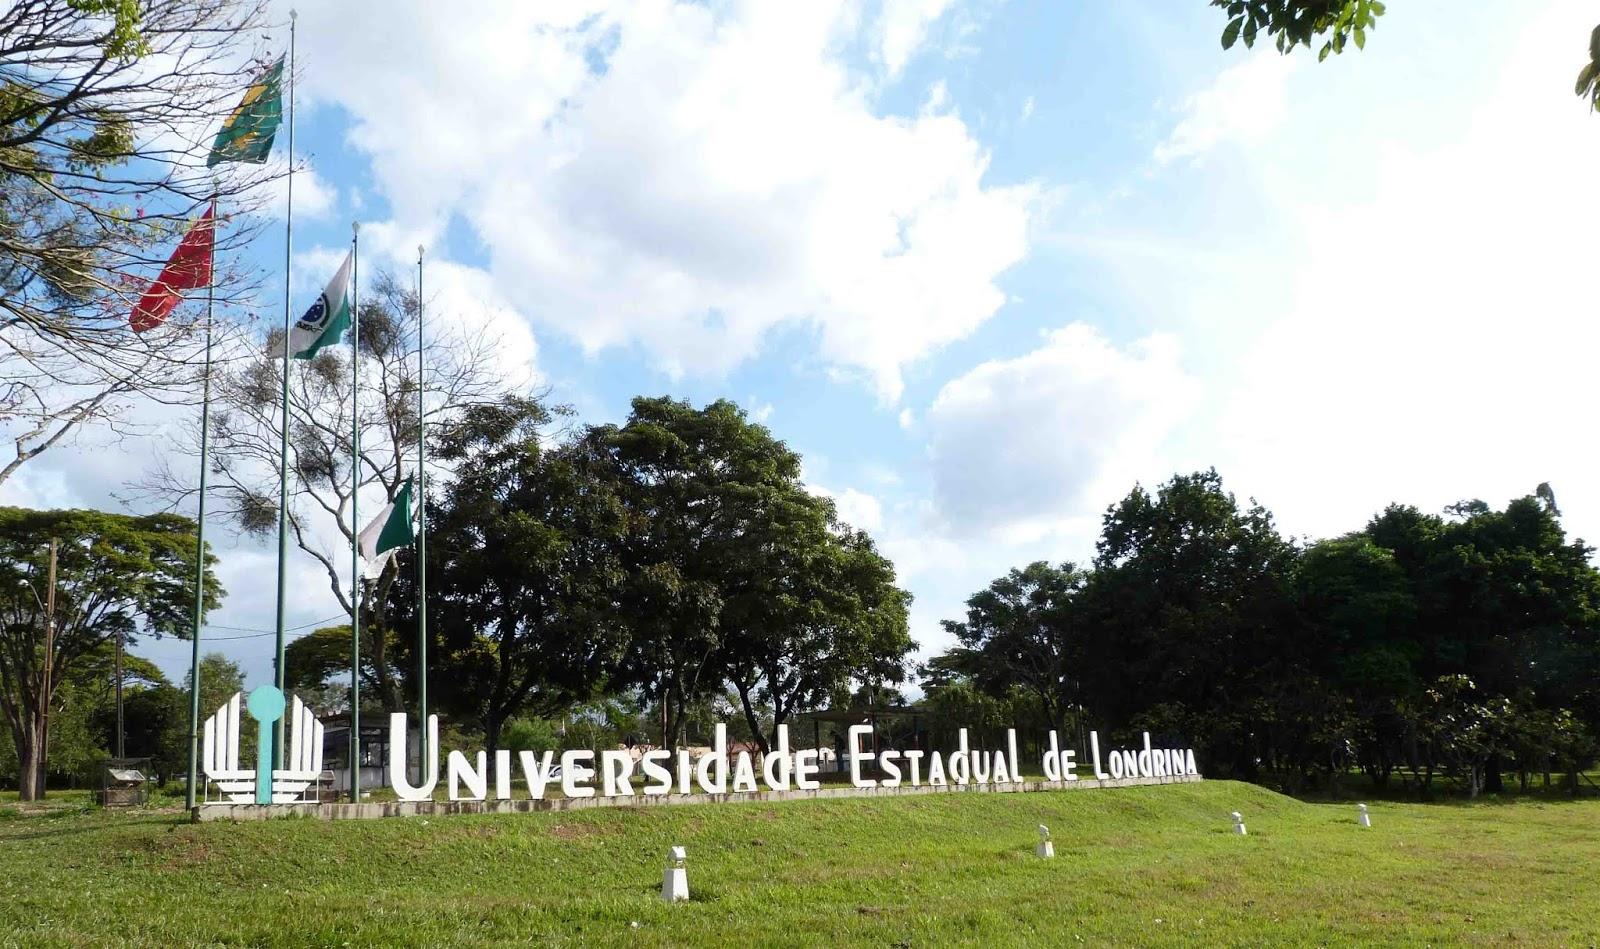 Universidade Estadual de Londrina - UEL